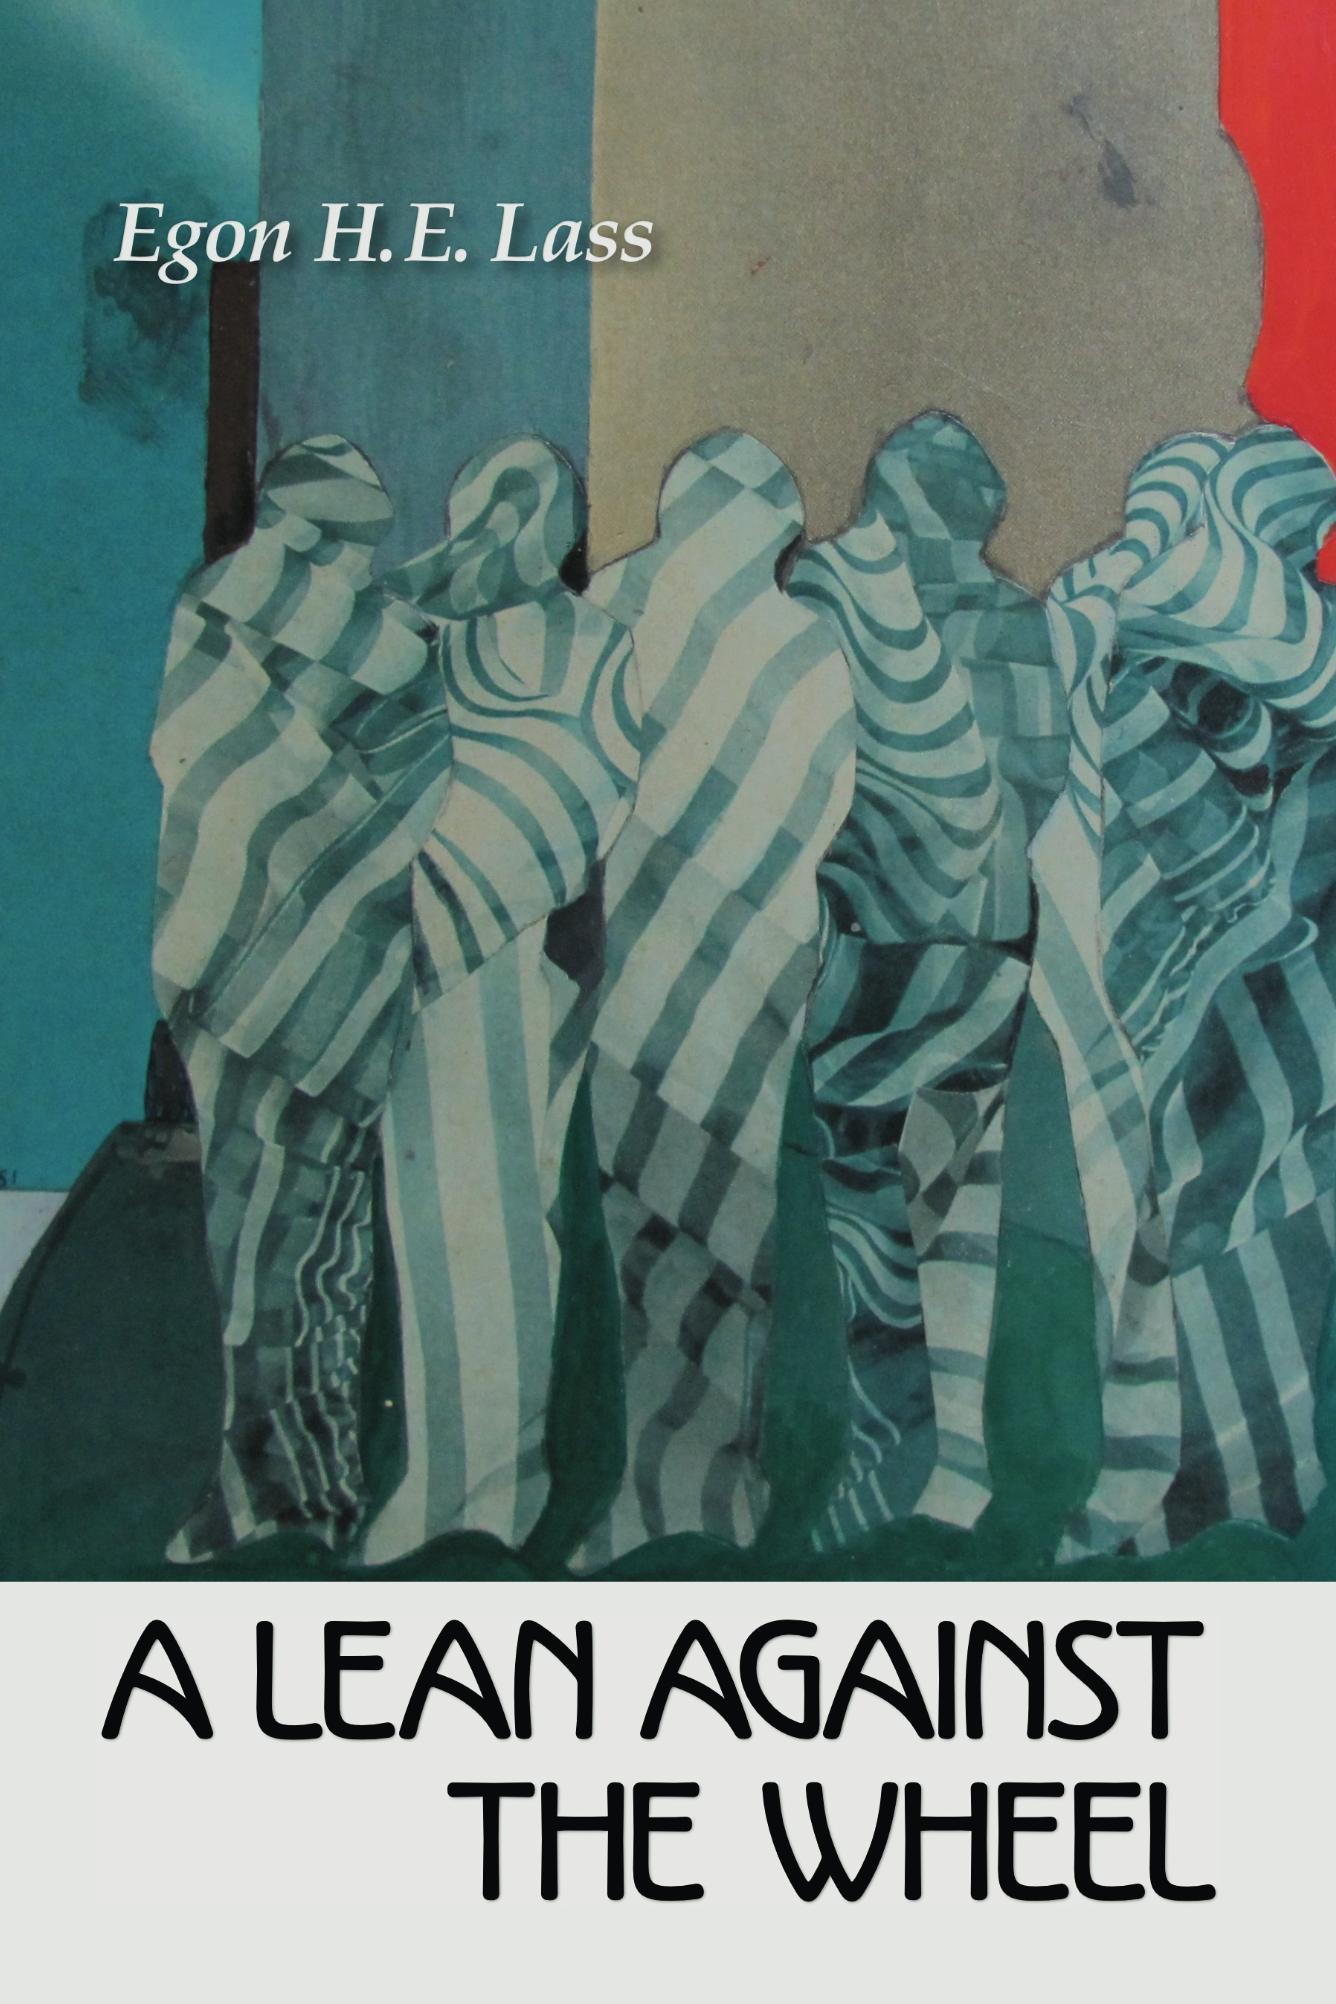 A Lean Against the Wheel  by  Egon H.E. Lass